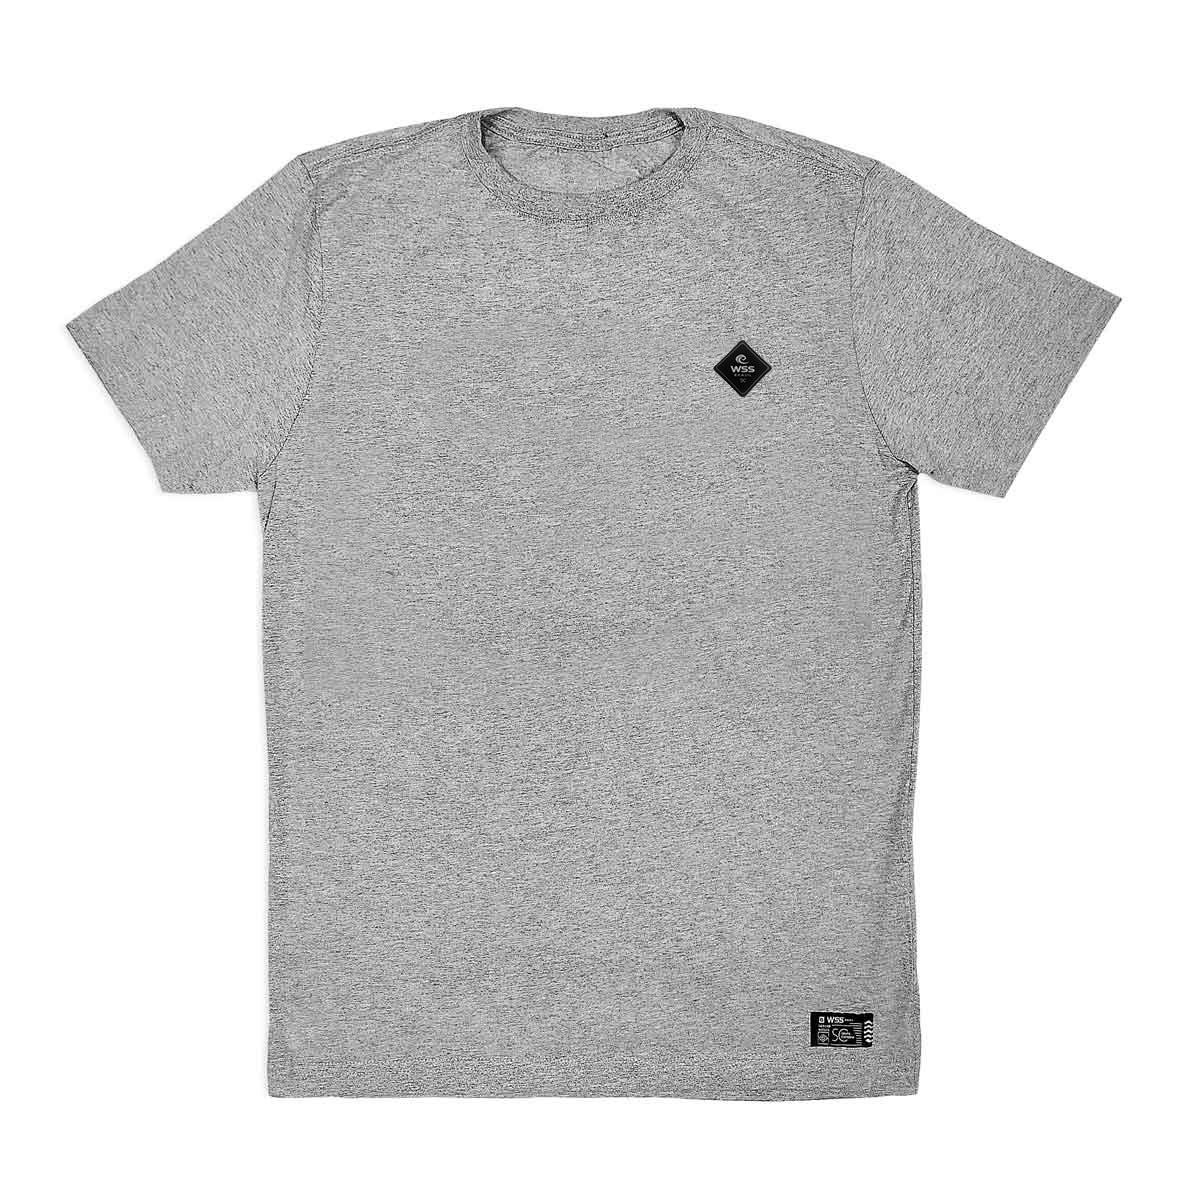 Camiseta Masculina Plus Size Prime WSS Diamond Gray